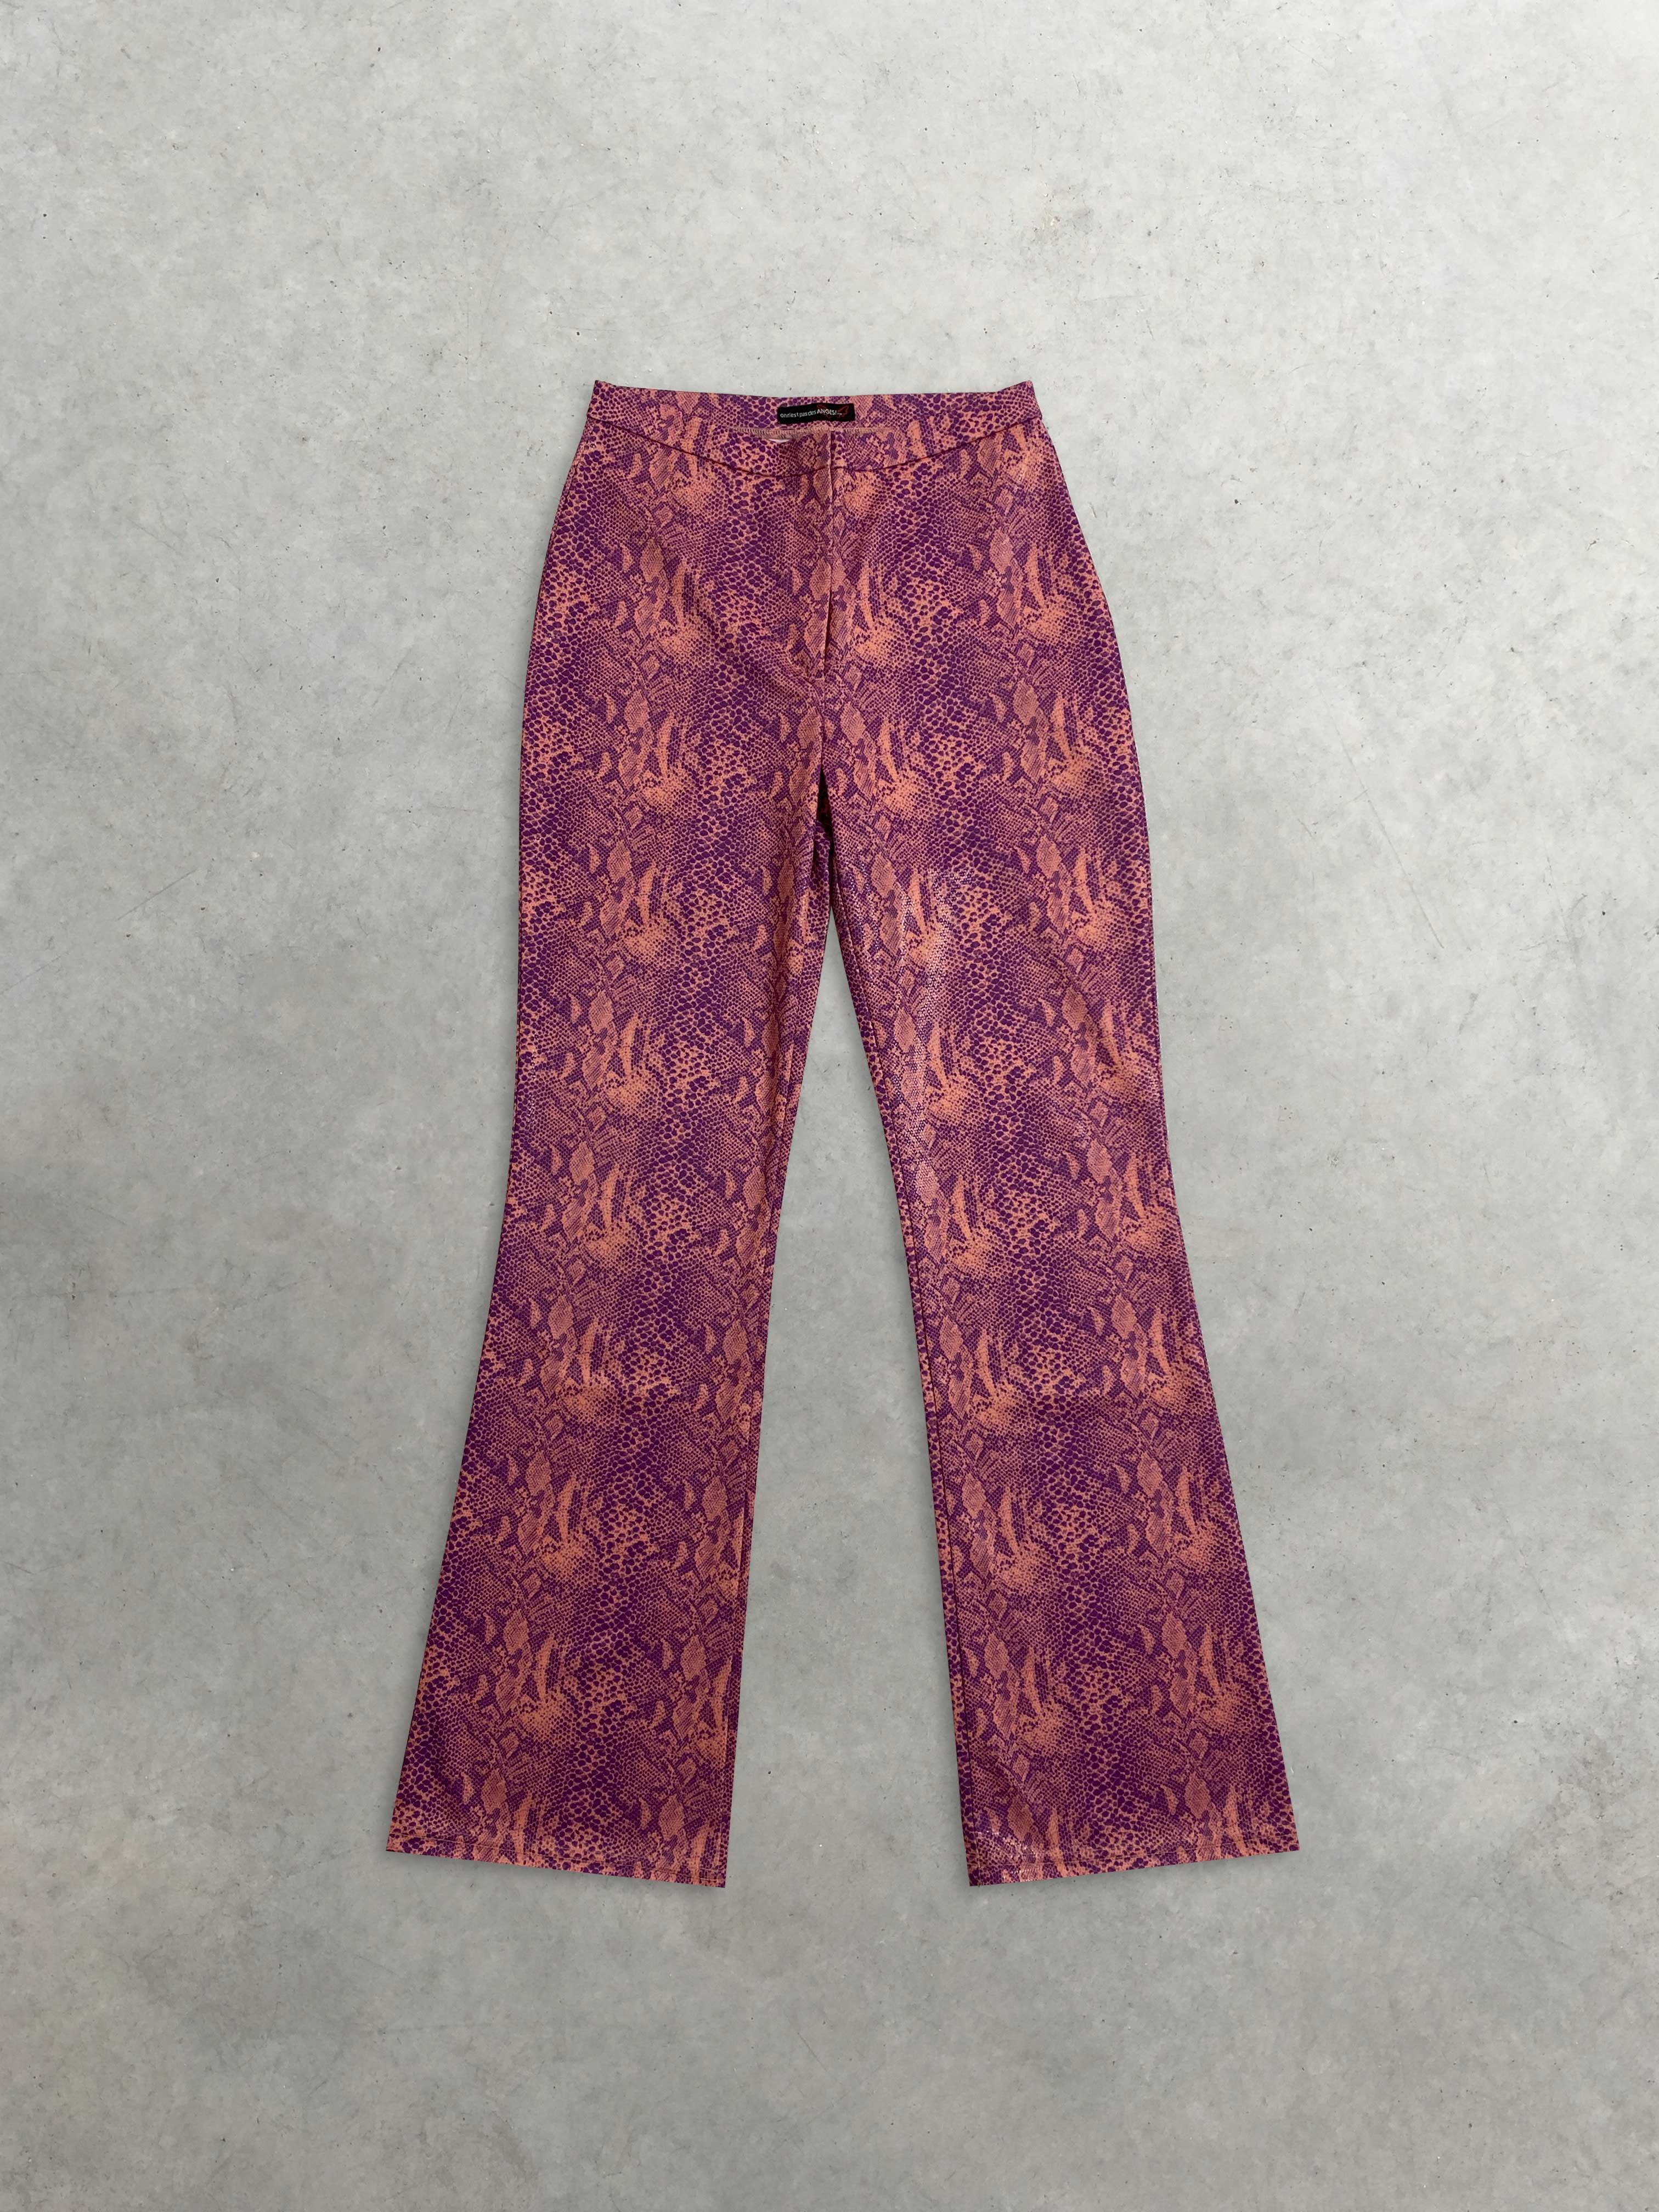 """Packshot du produit Pantalon Trompette Rose imprimé façon serpent iridescent """"Britney"""" de la marque Vintage"""